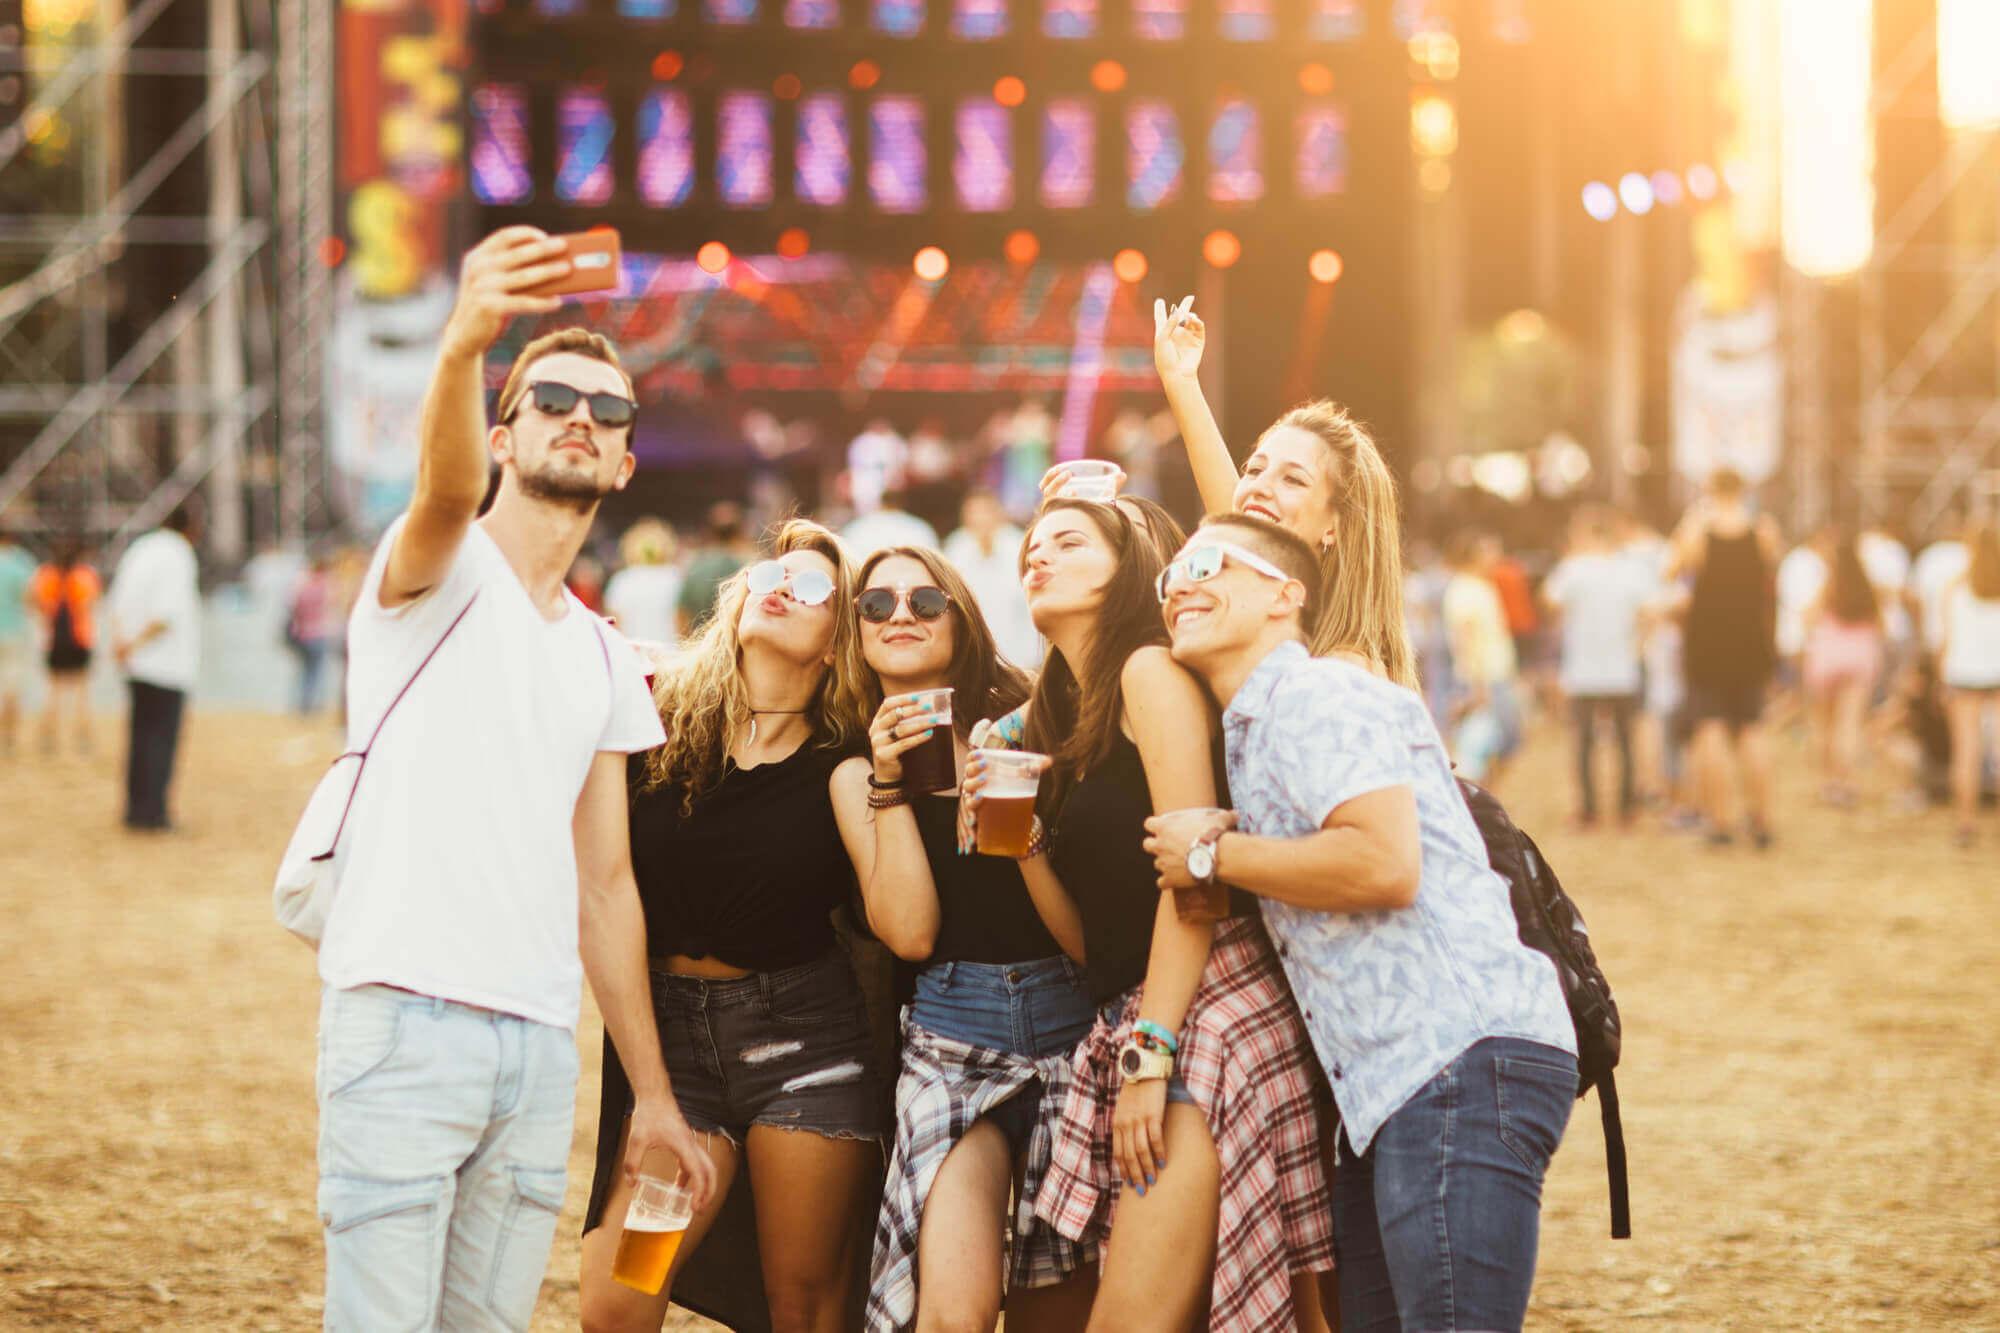 conheça-os-5-principais-festivais-que-ainda-acontecerão-em-2018